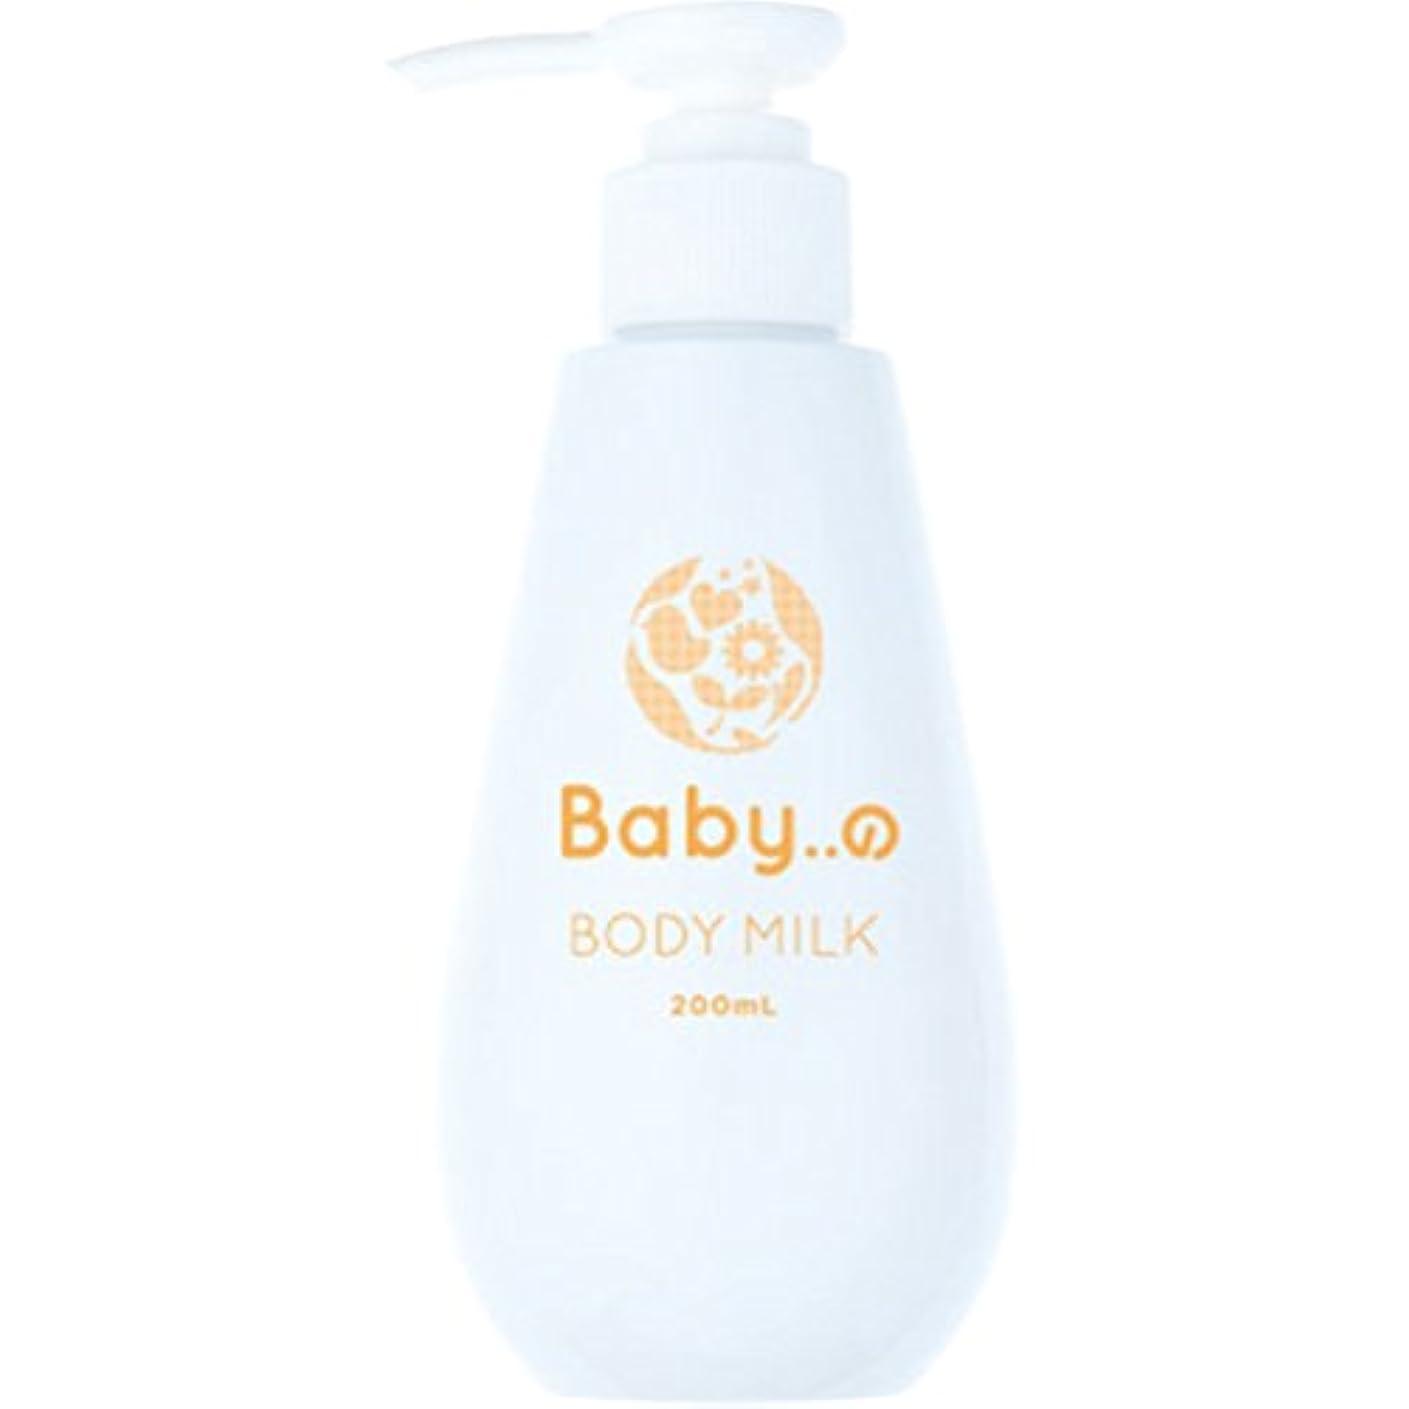 マガジンピッチ韓国語Babyの ボディーミルク 200ml